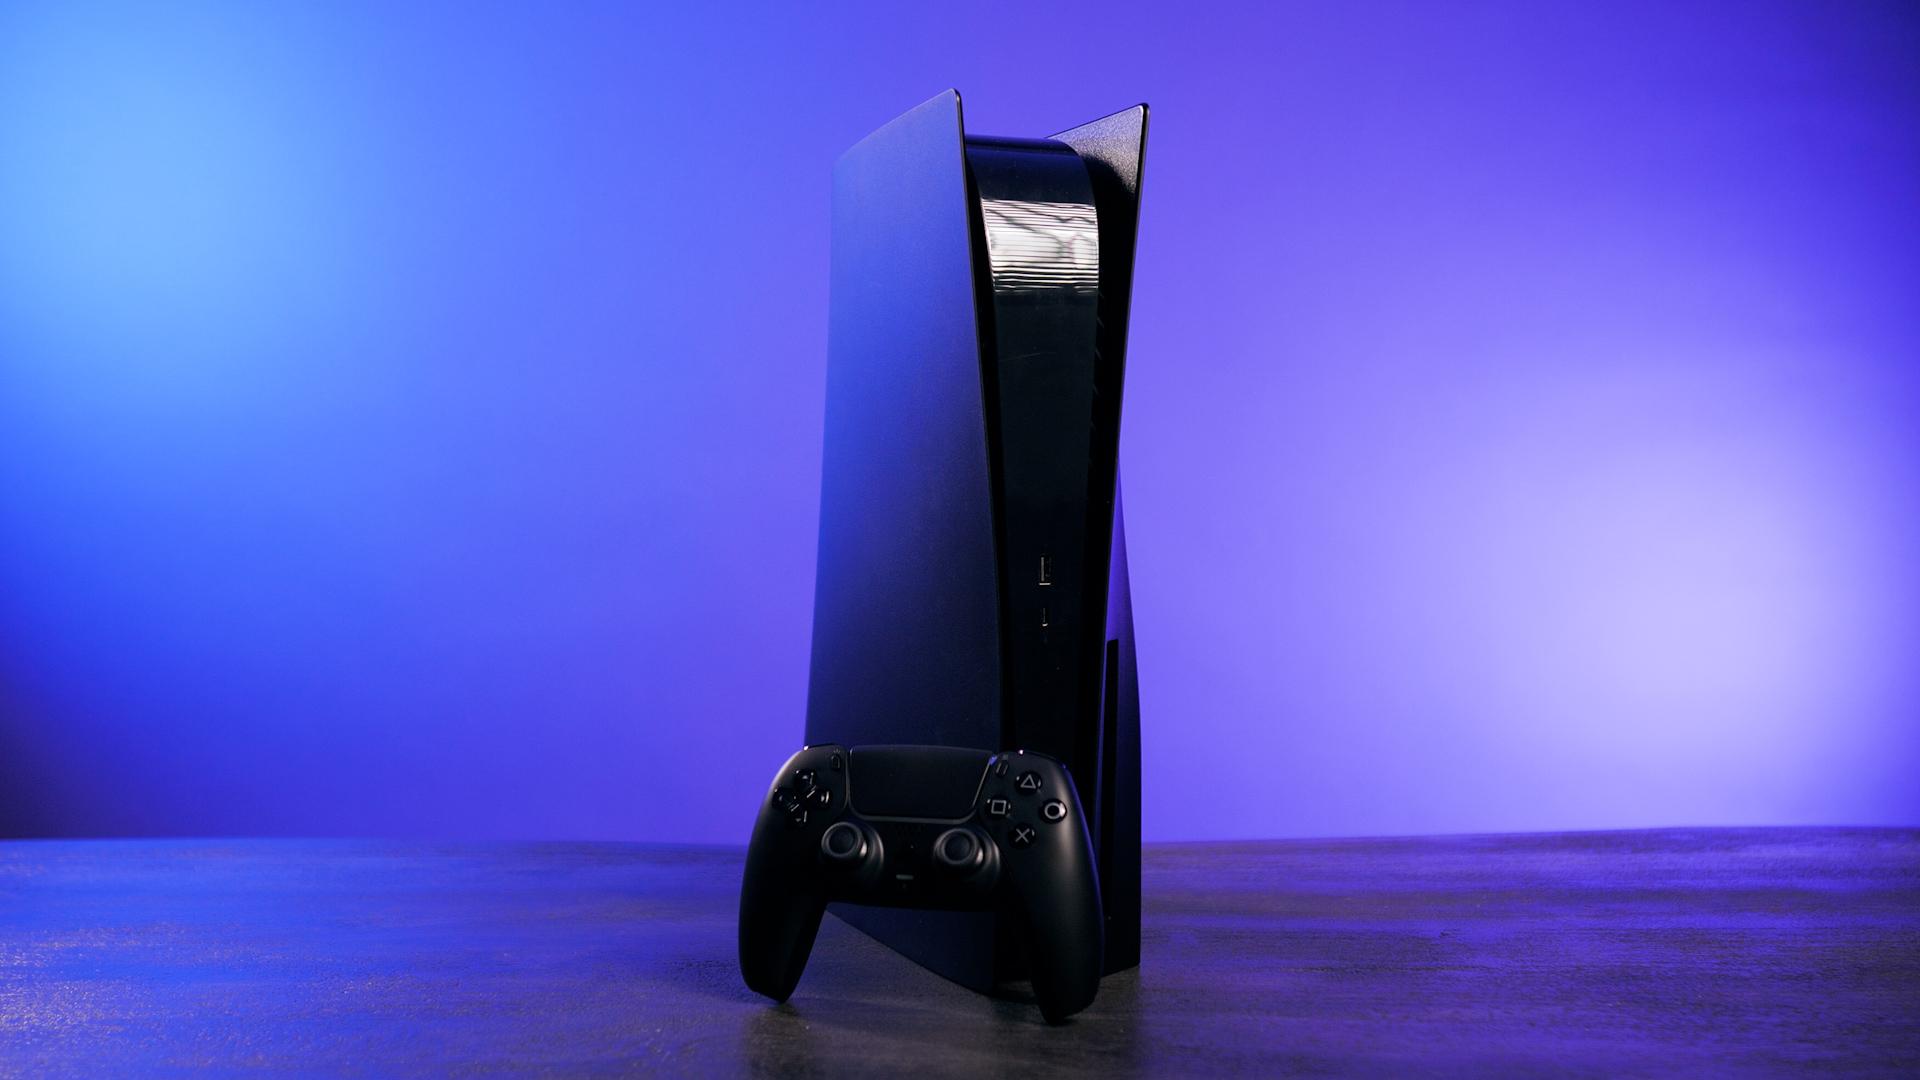 PS5 : Sony préfère partir à la chasse des plaques noires plutôt que d'en vendre